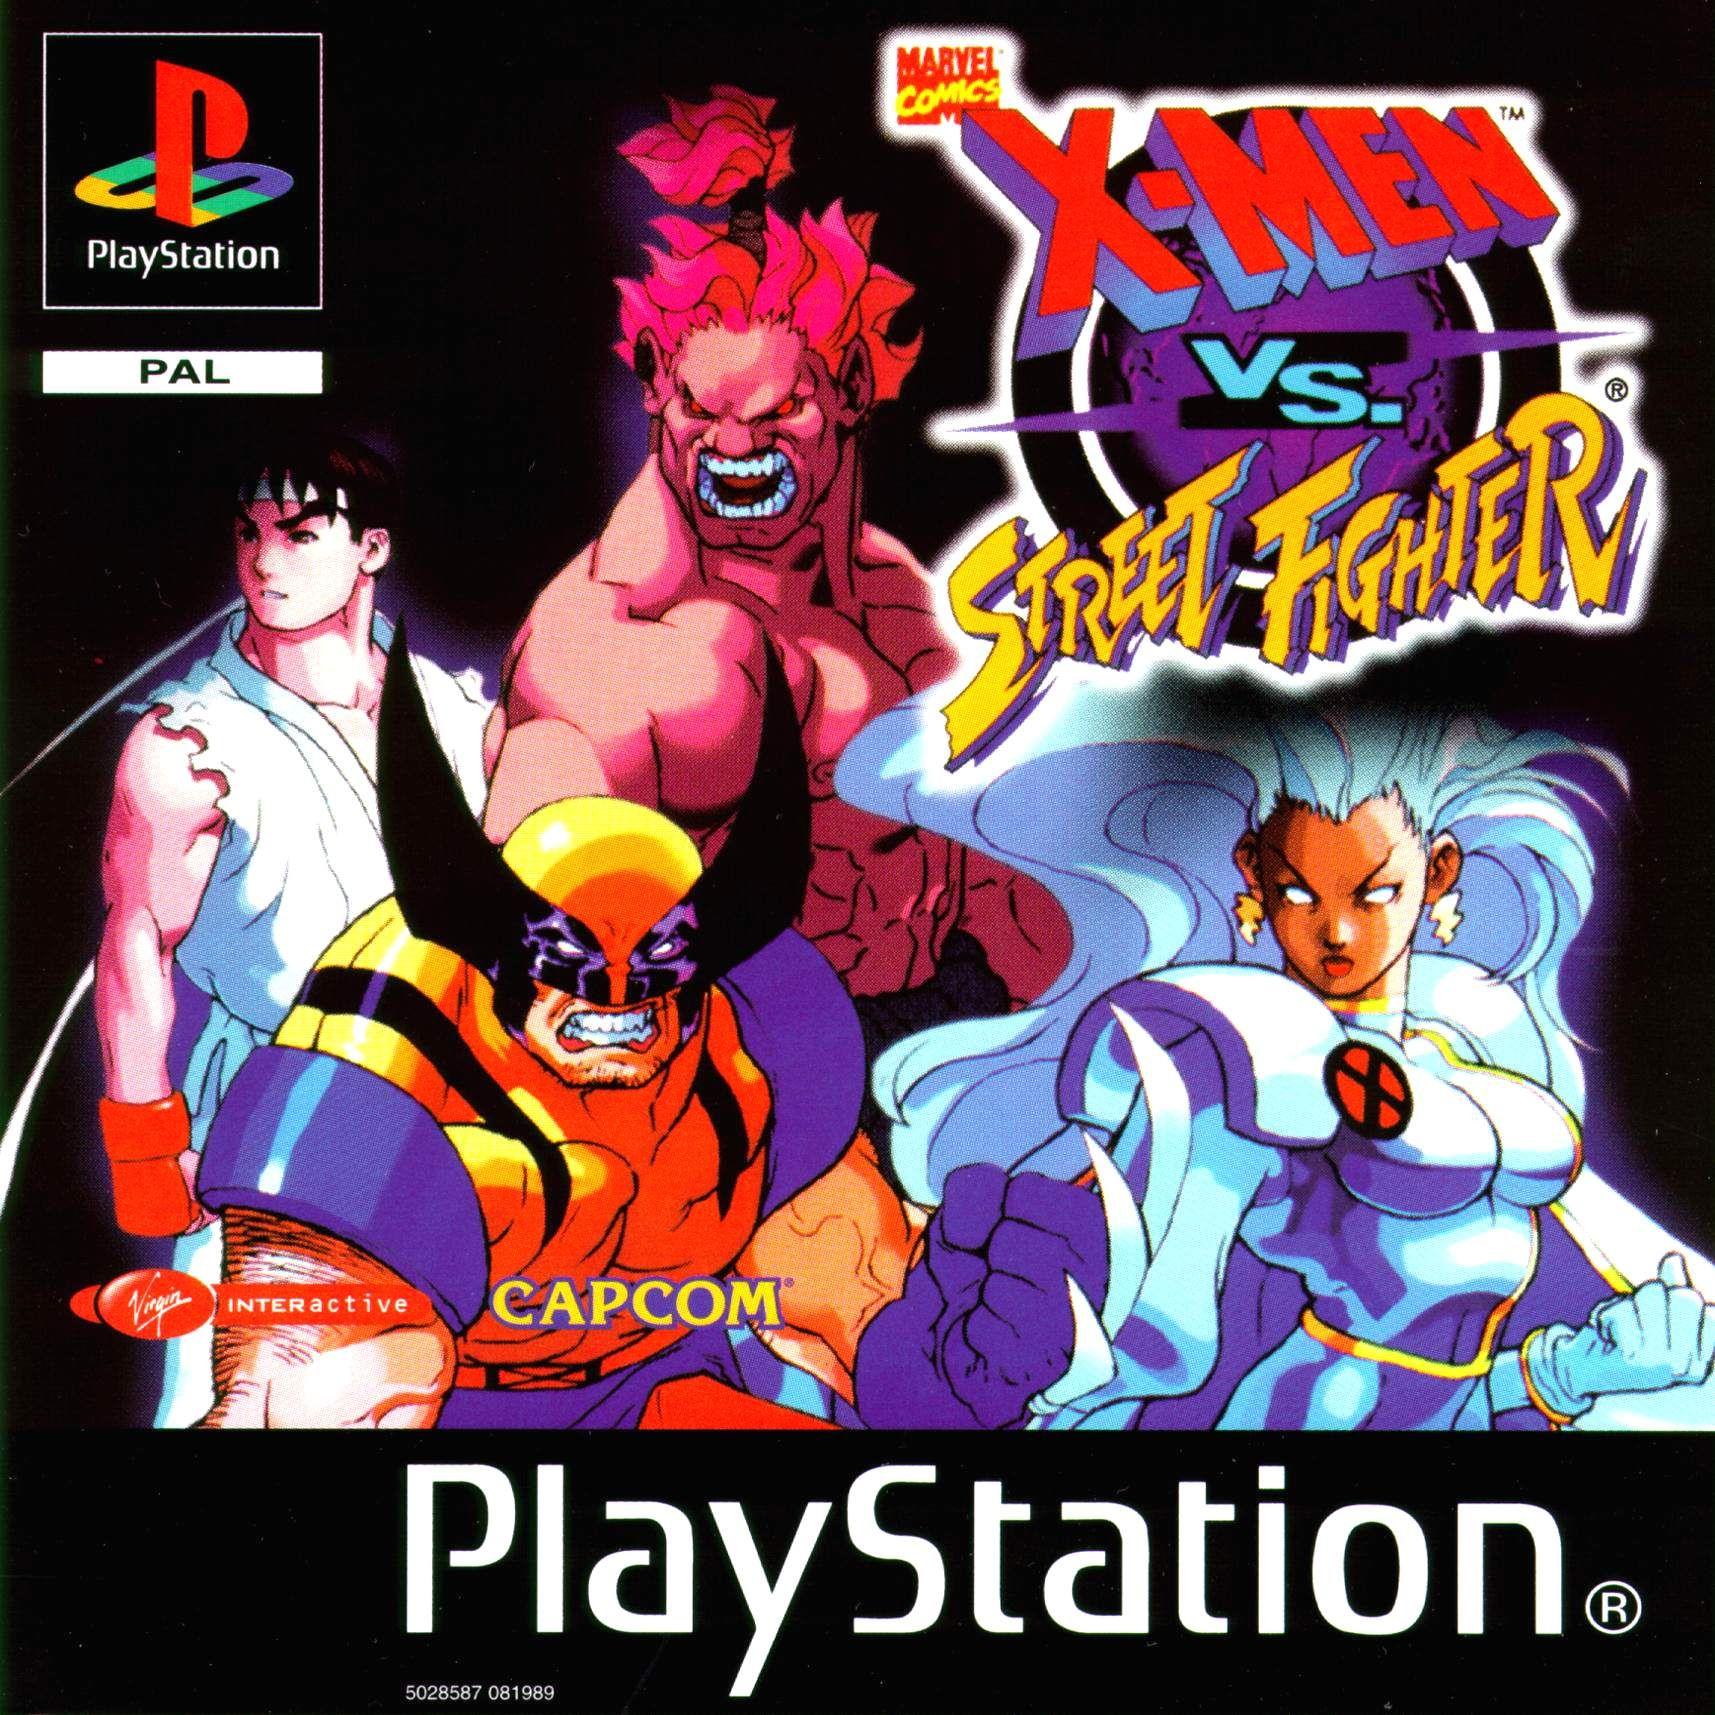 X Men Vs Street Fighter Psx Cover Download Sony Playstation Covers Street Fighter Man Vs Marvel Vs Capcom